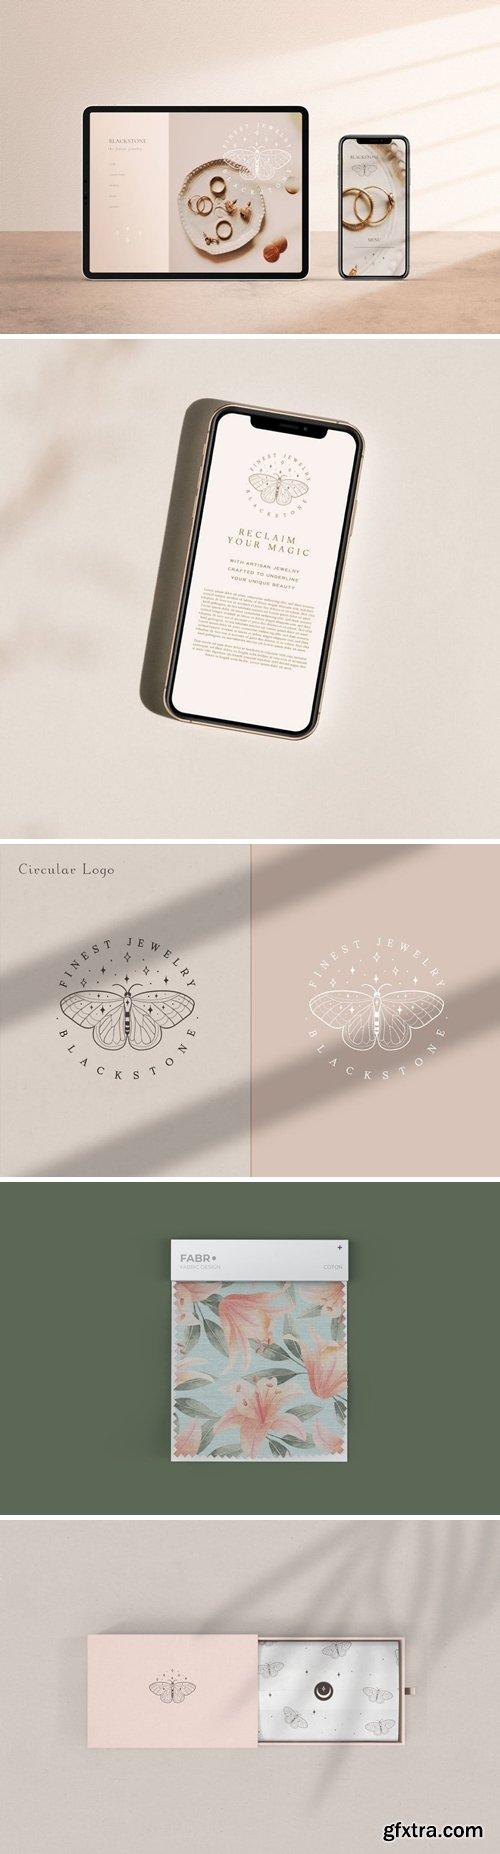 Pre-made Logo Template. Buttefly logo circle 1.